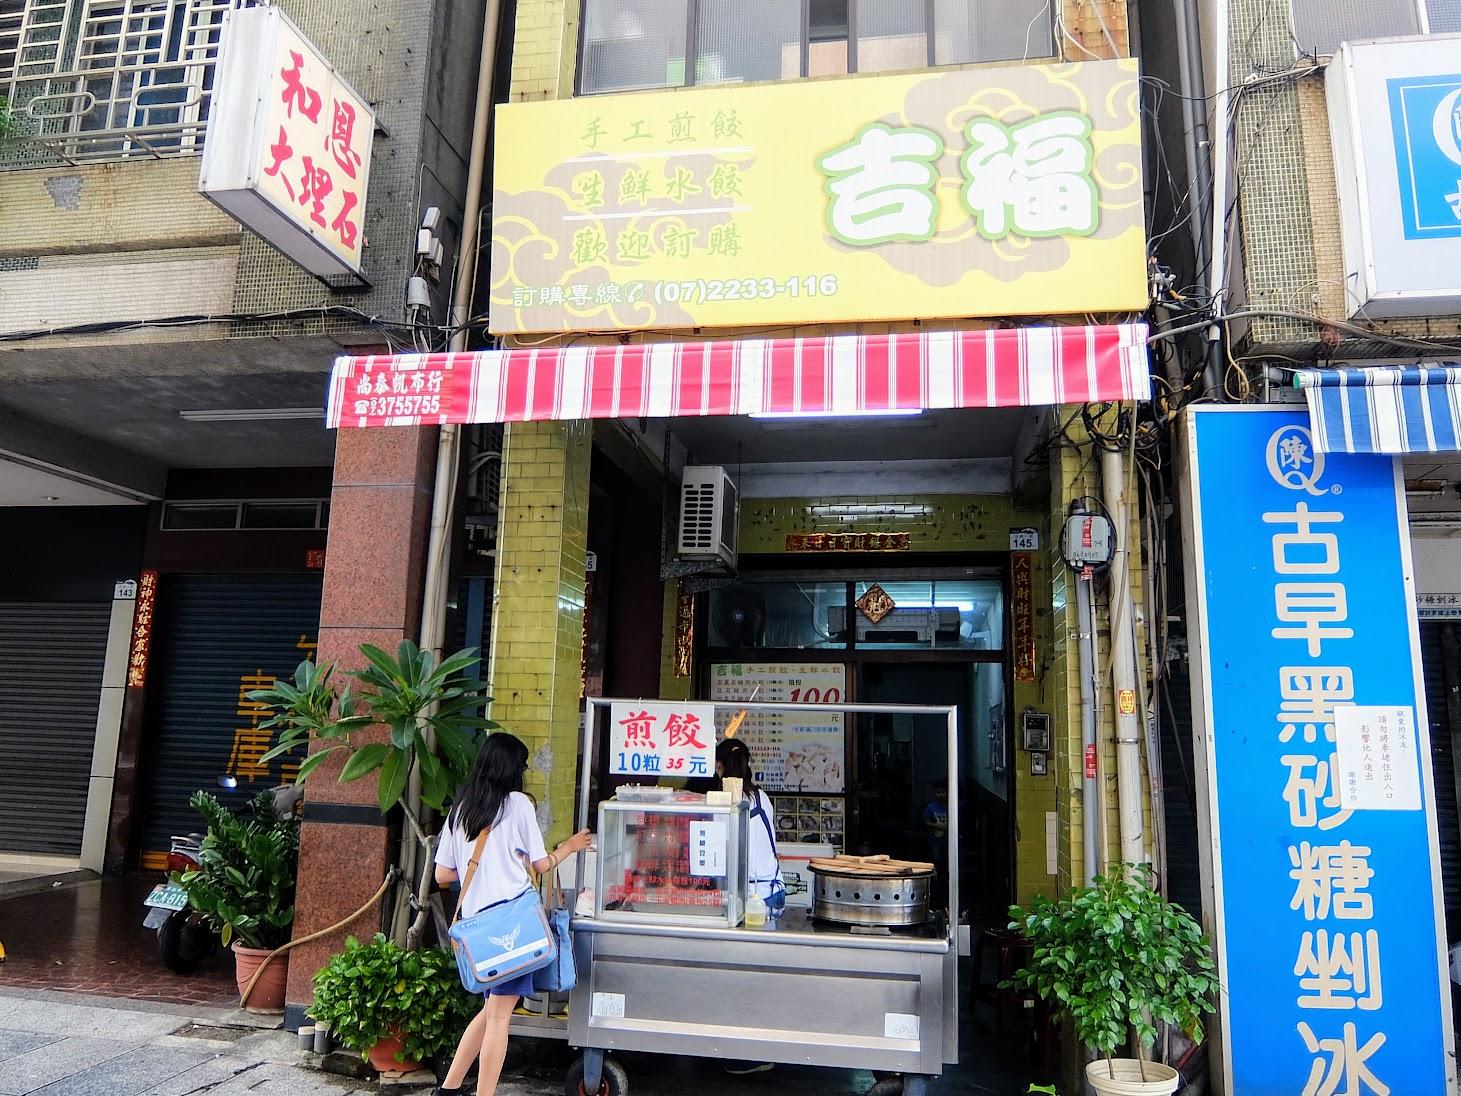 吉福手工煎餃/生鮮水餃,就在五福路與金門街交叉